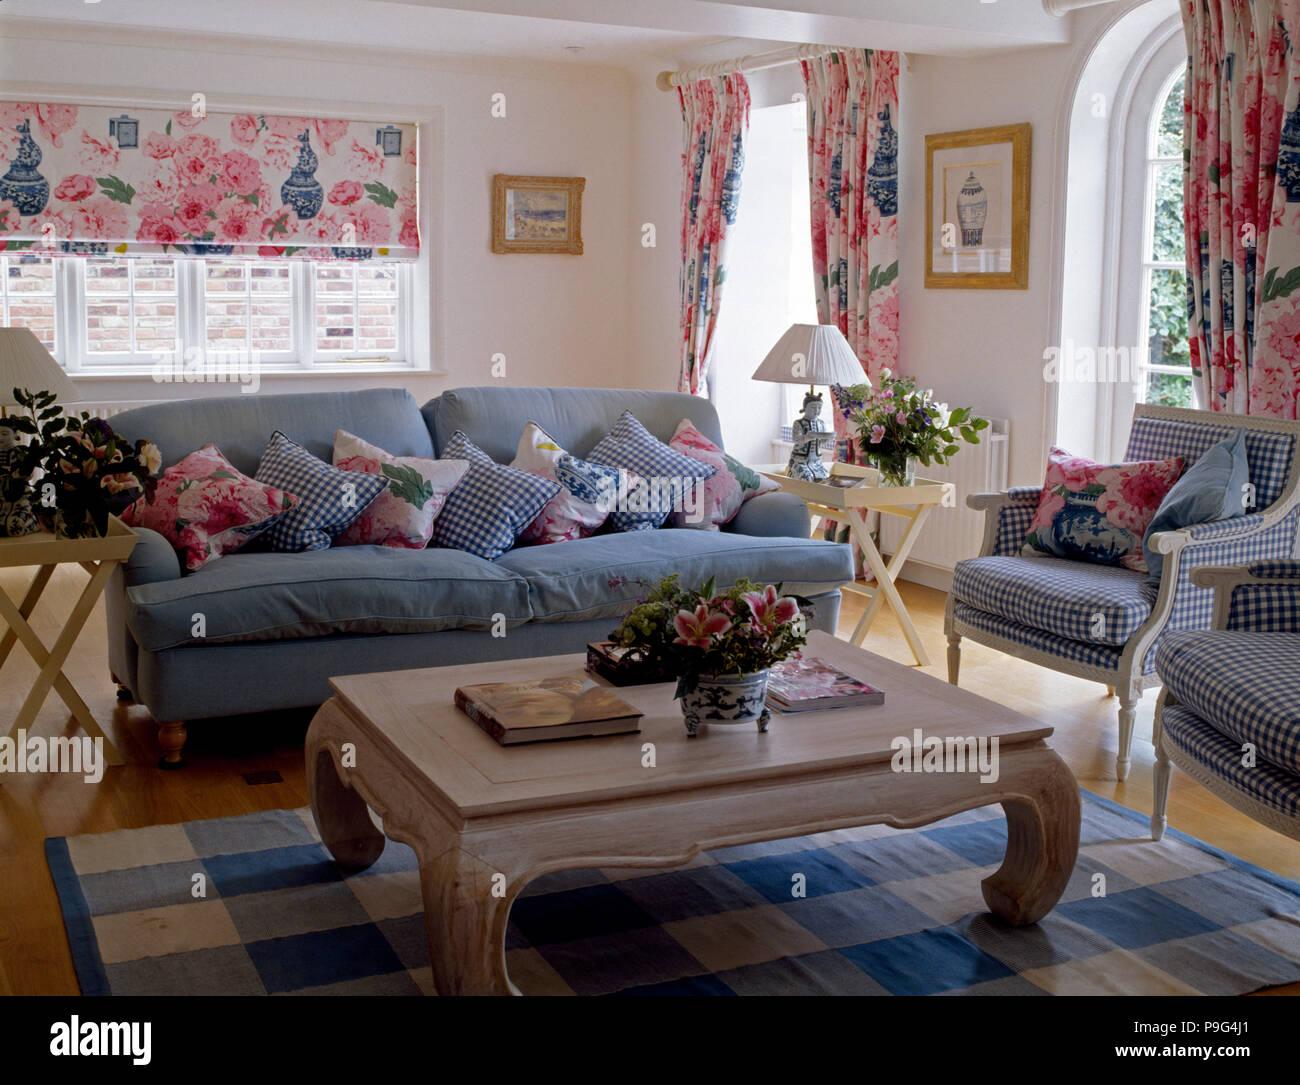 Kalk Gewaschene Couchtisch Und Ein Blaues Sofa Angehauft Mit Kissen